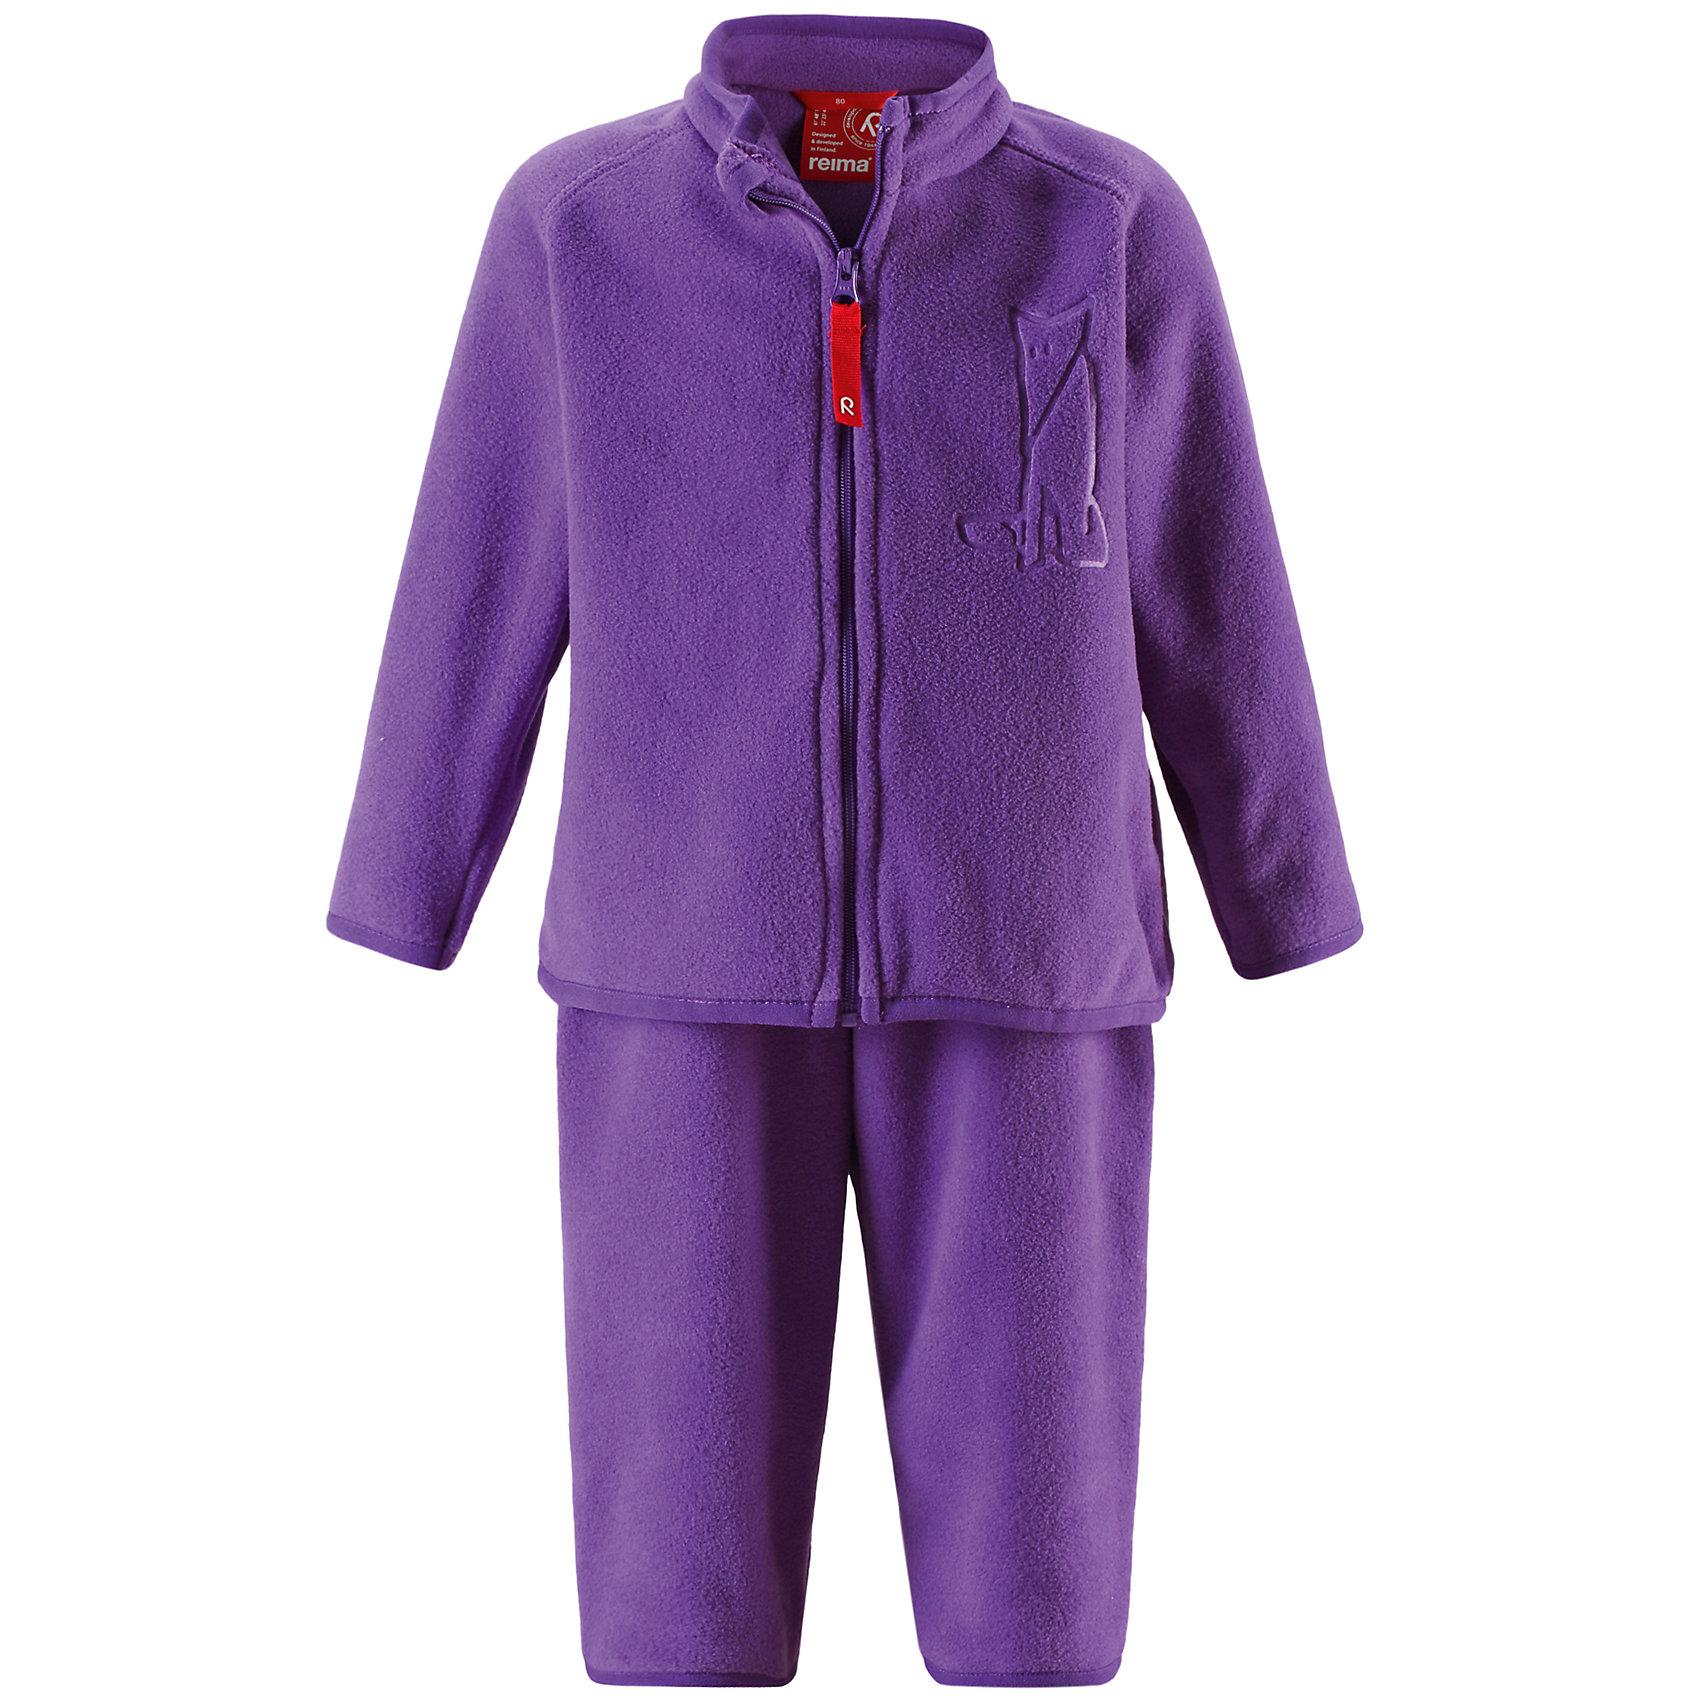 Флисовый комплект для девочки ReimaВ холодную погоду мы рекомендуем поддевать под верхнюю одежду тёплый, но пропускающий воздух промежуточный слой. В комплекте для малышей Etamin маленьким искателям приключений будет тепло, но они не вспотеют. Комплект пошит из флиса - супер-лёгкого и тёплого материала, который быстро сохнет и выводит влагу во внешние слои. Комплект из двух предметов удобен в повседневной носке: его можно надевать на улицу как промежуточный слой или носить в помещении, сняв верхнюю часть, если станет слишком тепло во время весёлой игры. Флисовая куртка спереди украшена забавным принтом из лисичек и молнией по всей длине, которая облегчает процесс одевания. Удлинённый задний подол обеспечивает дополнительную защиту для задней части спины. Благодаря защите подбородка молния не поцарапает кожу. Вы заметили, что комплект можно пристёгивать ко многим моделям верхней одежды от Reima® с помощью удобных кнопок по системе Play Layers®? Выберите свой любимый цвет среди модных в этом сезоне расцветок!<br><br>Флисовый комплект для детей<br>Тёплый, лёгкий, быстро сохнущий флис<br> Молния по всей длине с защитой подбородка <br> Термоаппликация спереди<br>Удлинённая спинка для дополнительной защиты<br>Можно пристёгивать ко многим моделям с помощью кнопок для пристегивания промежуточного слоя к верхней одежде по системе PlayLayers®.<br><br><br>Состав:<br>100% ПЭ<br><br><br>Флисовый комплект Reima (Рейма) можно купить в нашем магазине.<br><br>Ширина мм: 190<br>Глубина мм: 74<br>Высота мм: 229<br>Вес г: 236<br>Цвет: фиолетовый<br>Возраст от месяцев: 12<br>Возраст до месяцев: 15<br>Пол: Женский<br>Возраст: Детский<br>Размер: 80,86,74,98,92<br>SKU: 4208405